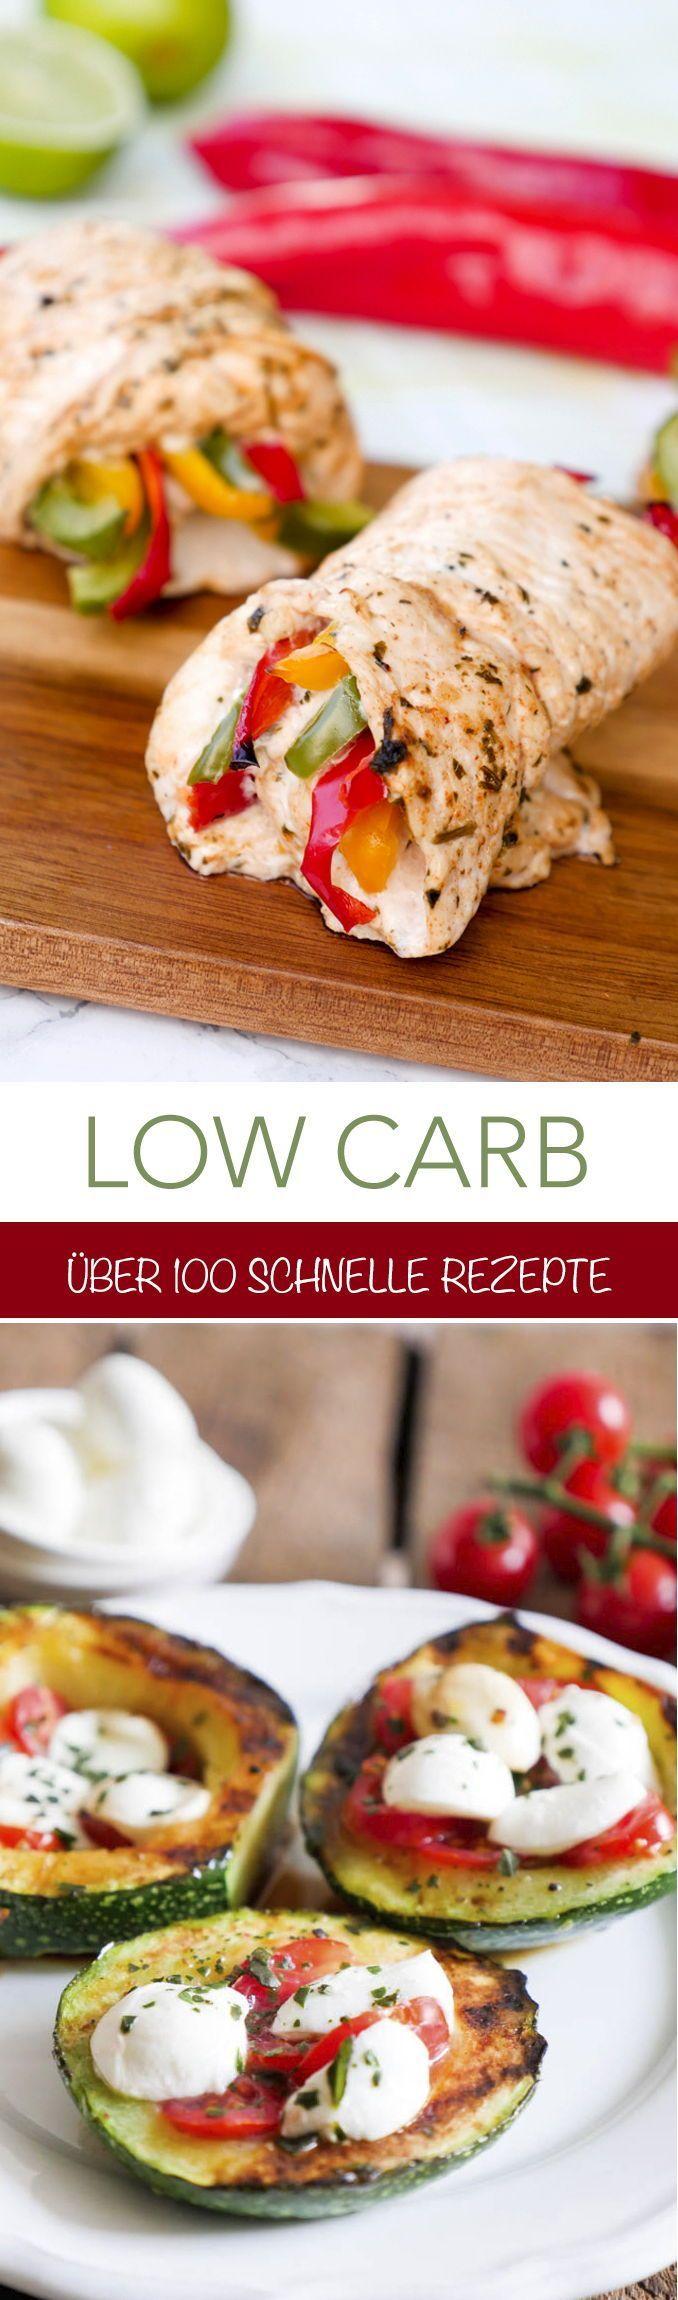 Meine Besten Low Carb Rezepte Gesund Und Schnell Kochen Ohne